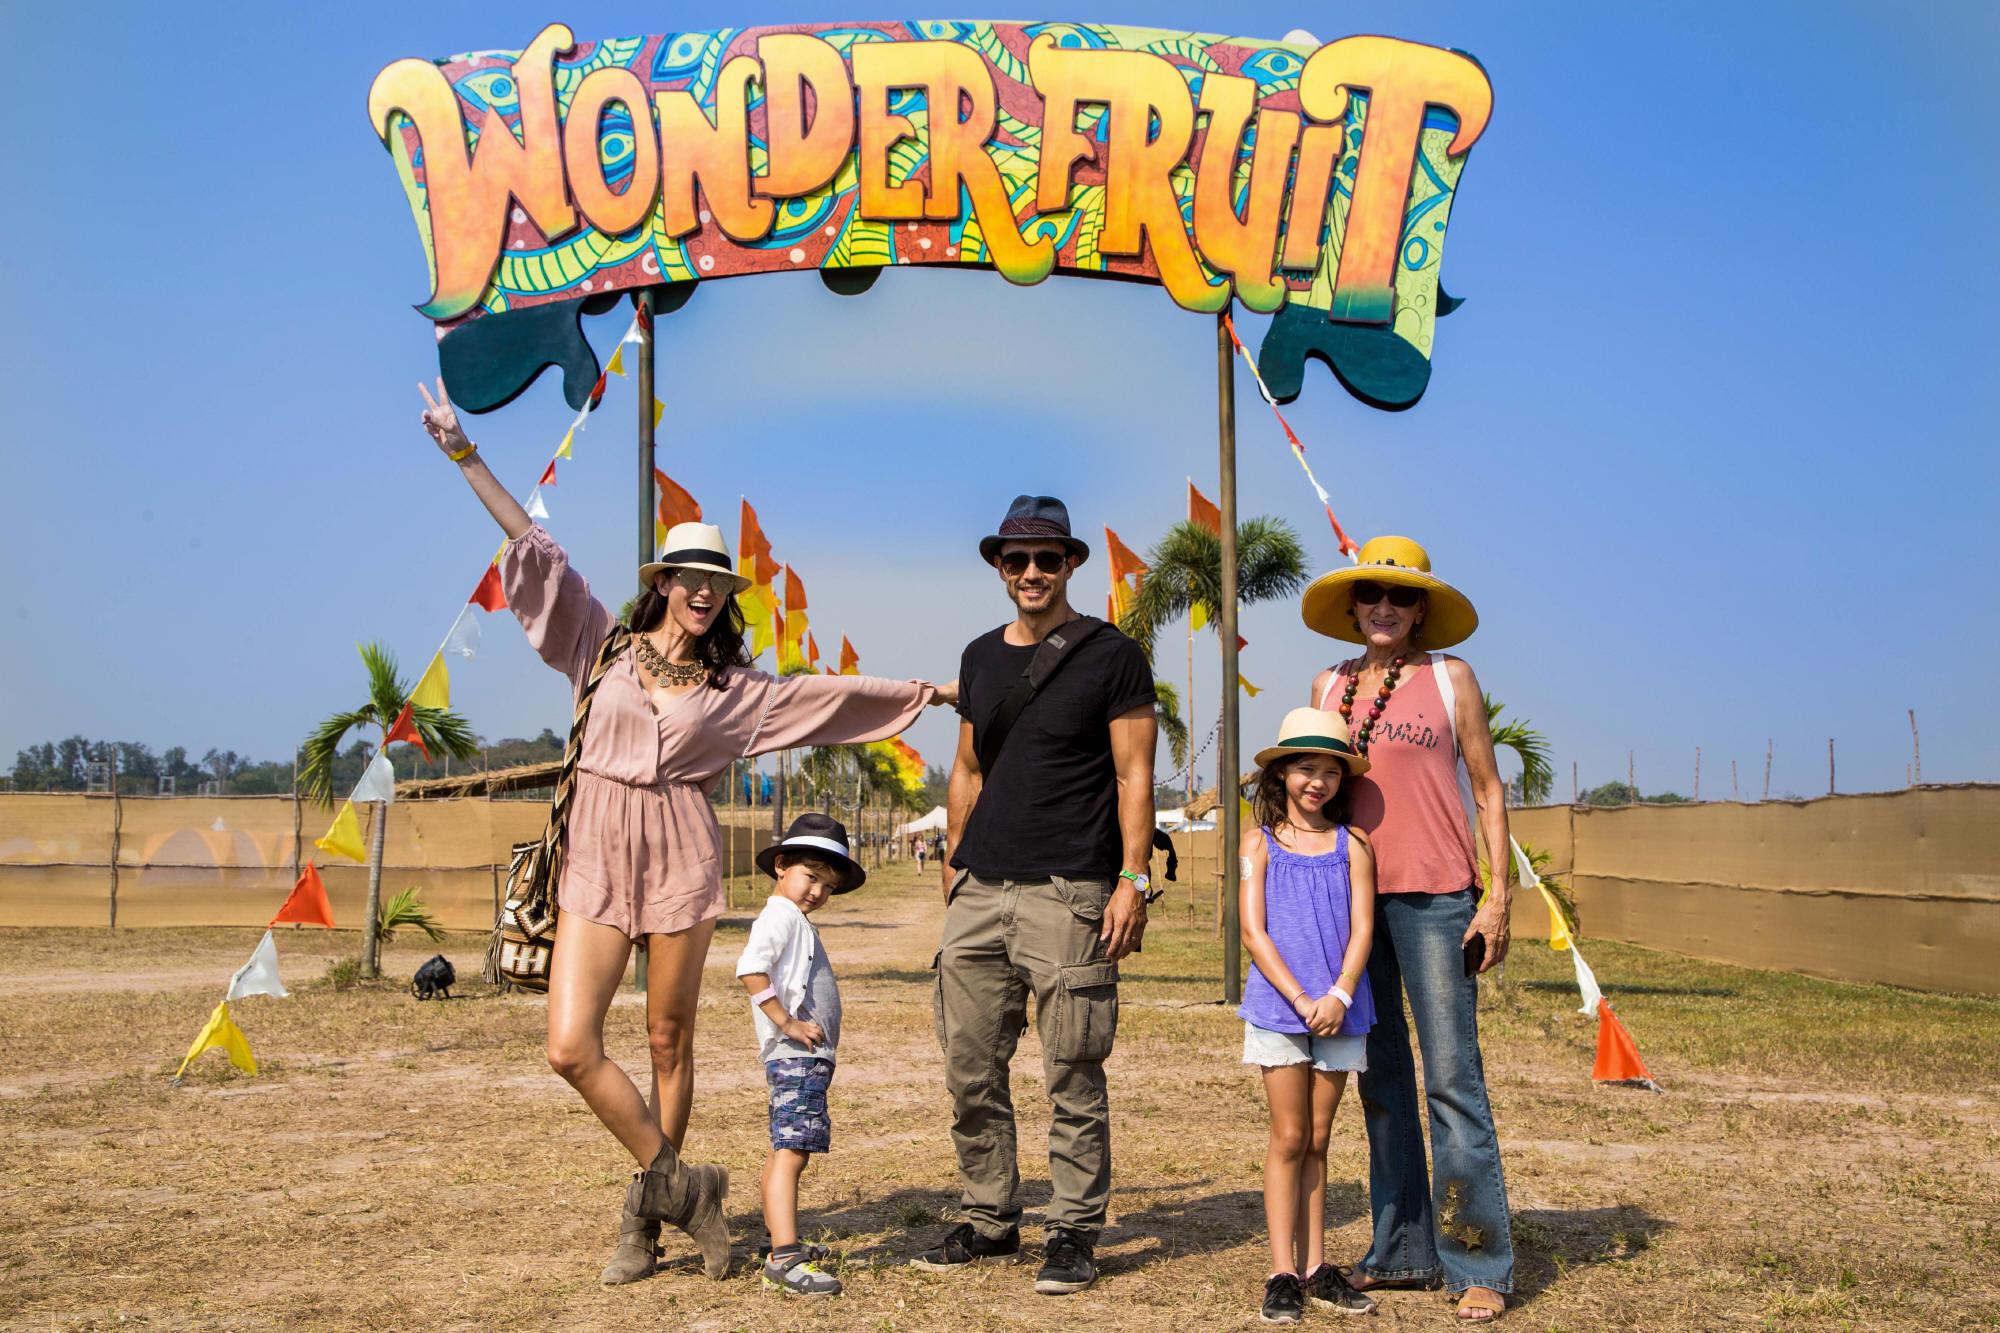 Wonderfruit-family